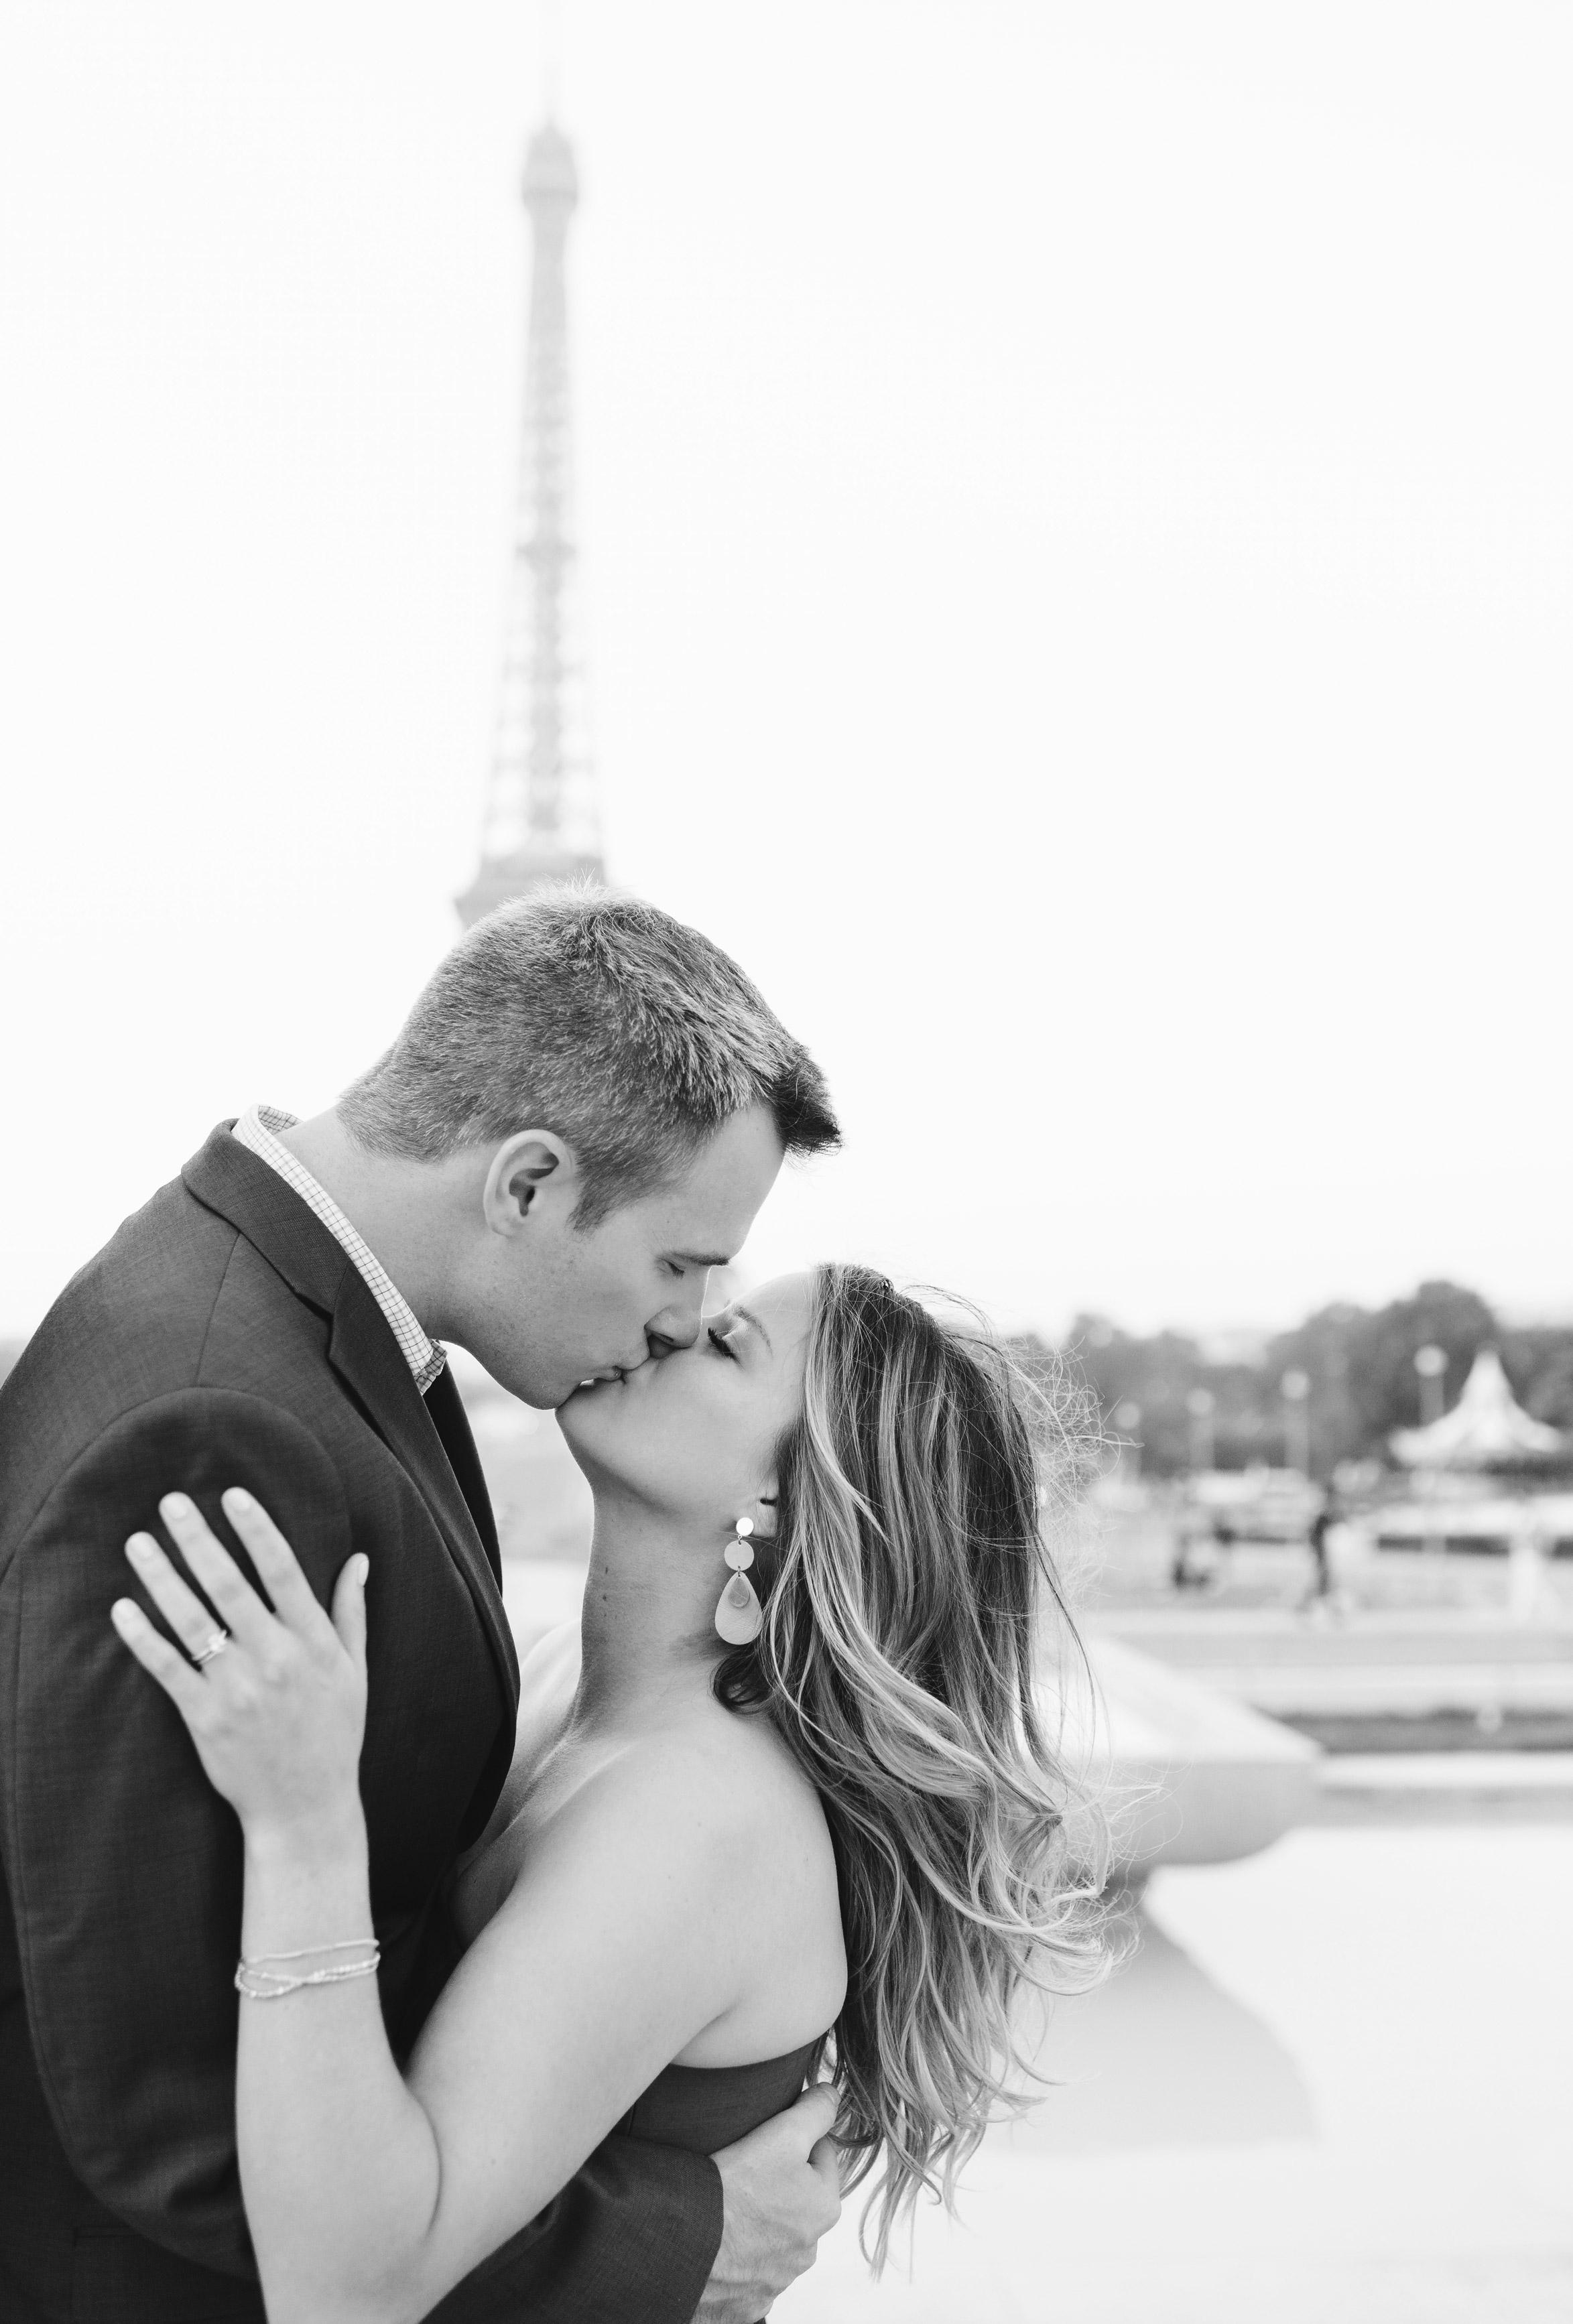 Couple-portrait-session-Paris-EiffelTower-Seine-Cafe038.jpg